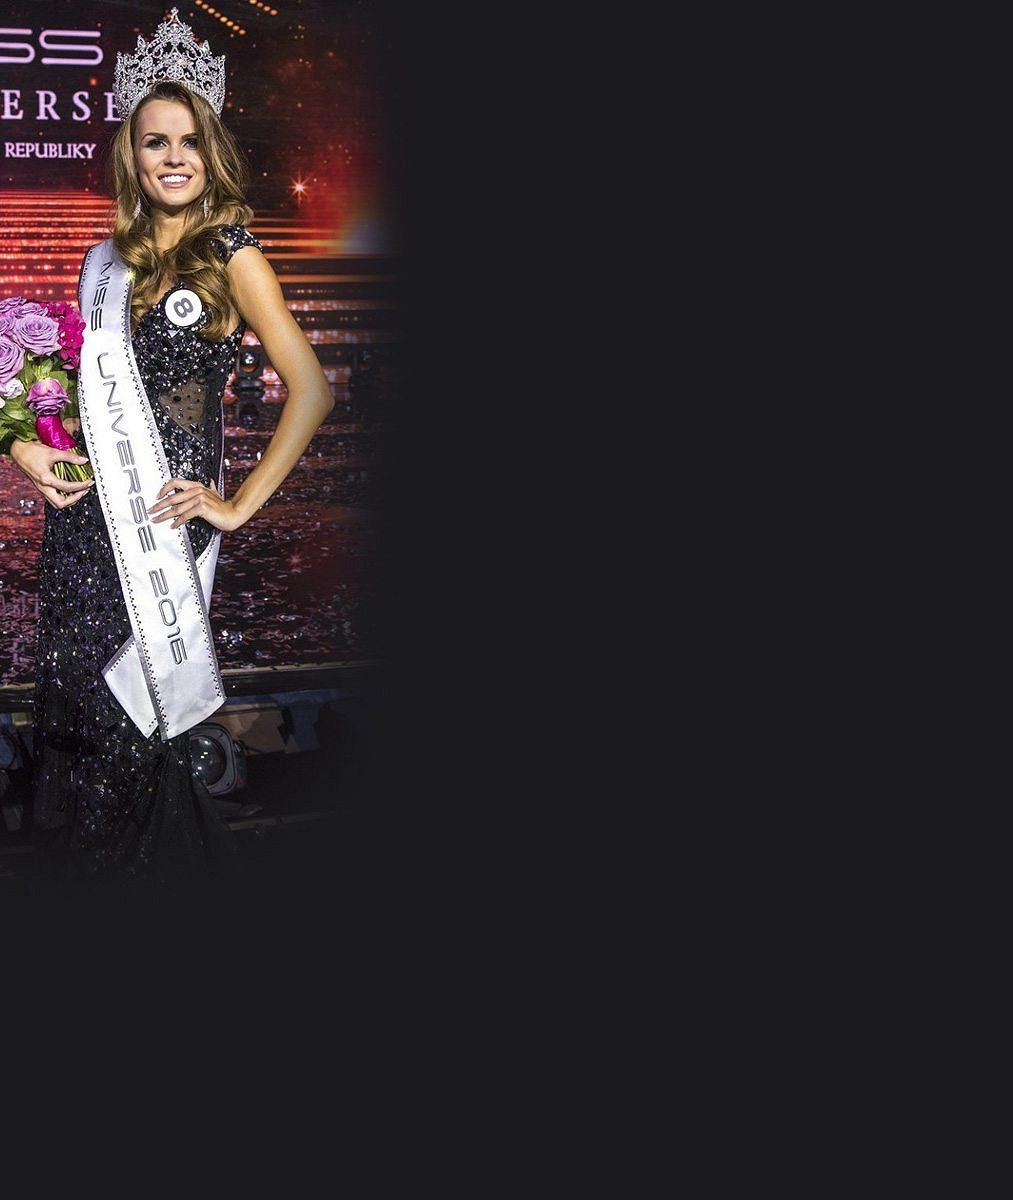 Jak se vám líbí vítězka slovenské soutěže krásy? V minulosti už toho ukázala více než ve finále